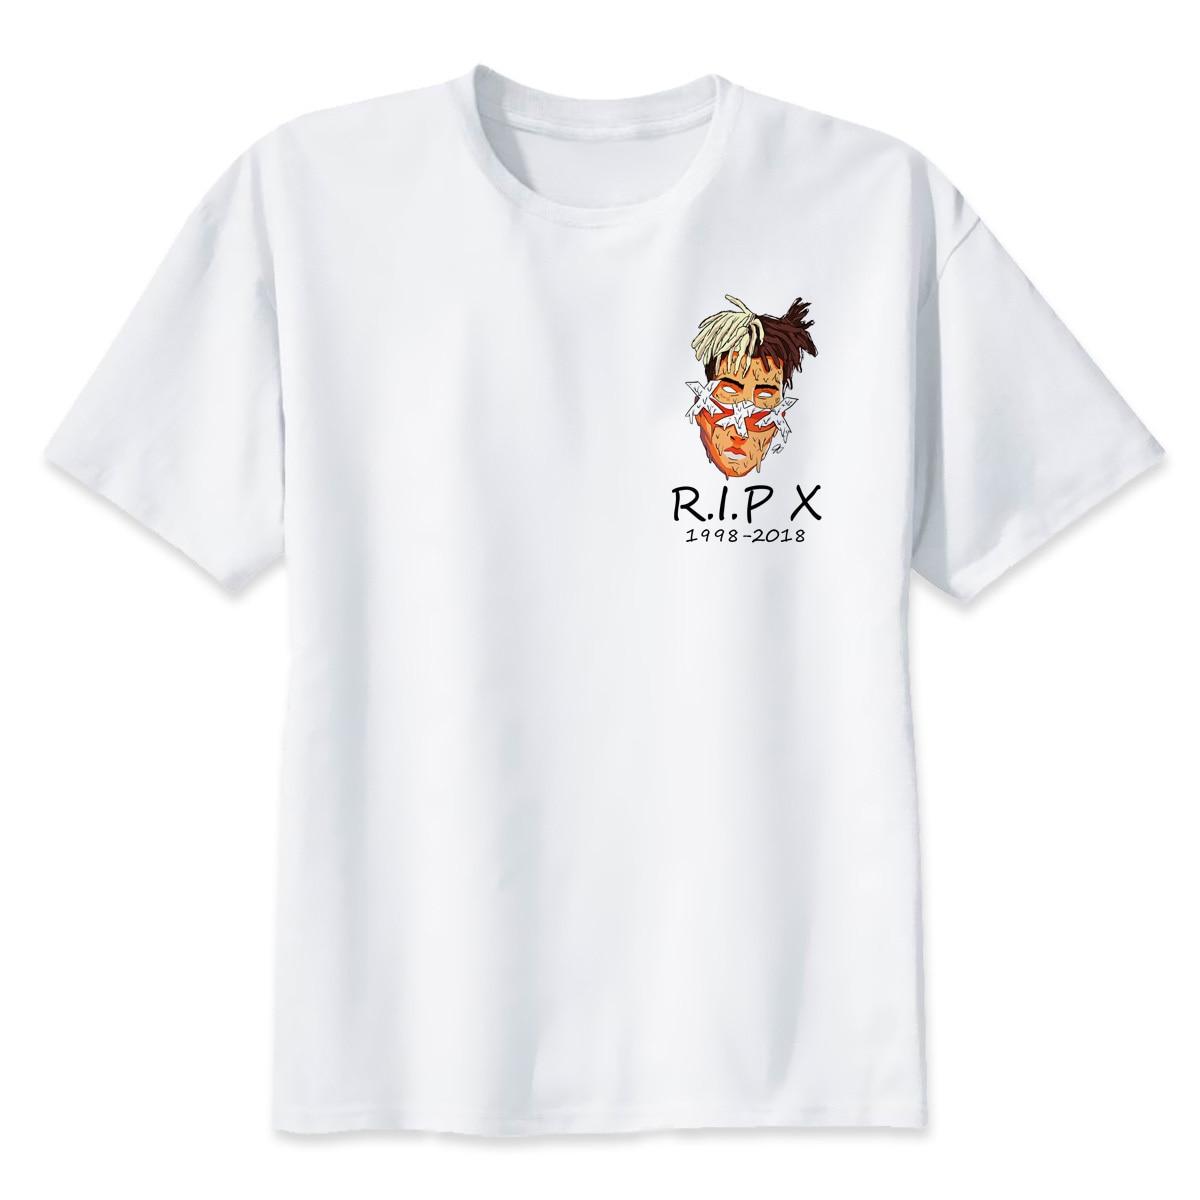 Xxxtentacion RIP de Caractères Imprimer T-Shirt Mode Casual Fitness Cool O-cou Hommes T-shirt D'été À Manches Courtes Hommes Vêtements